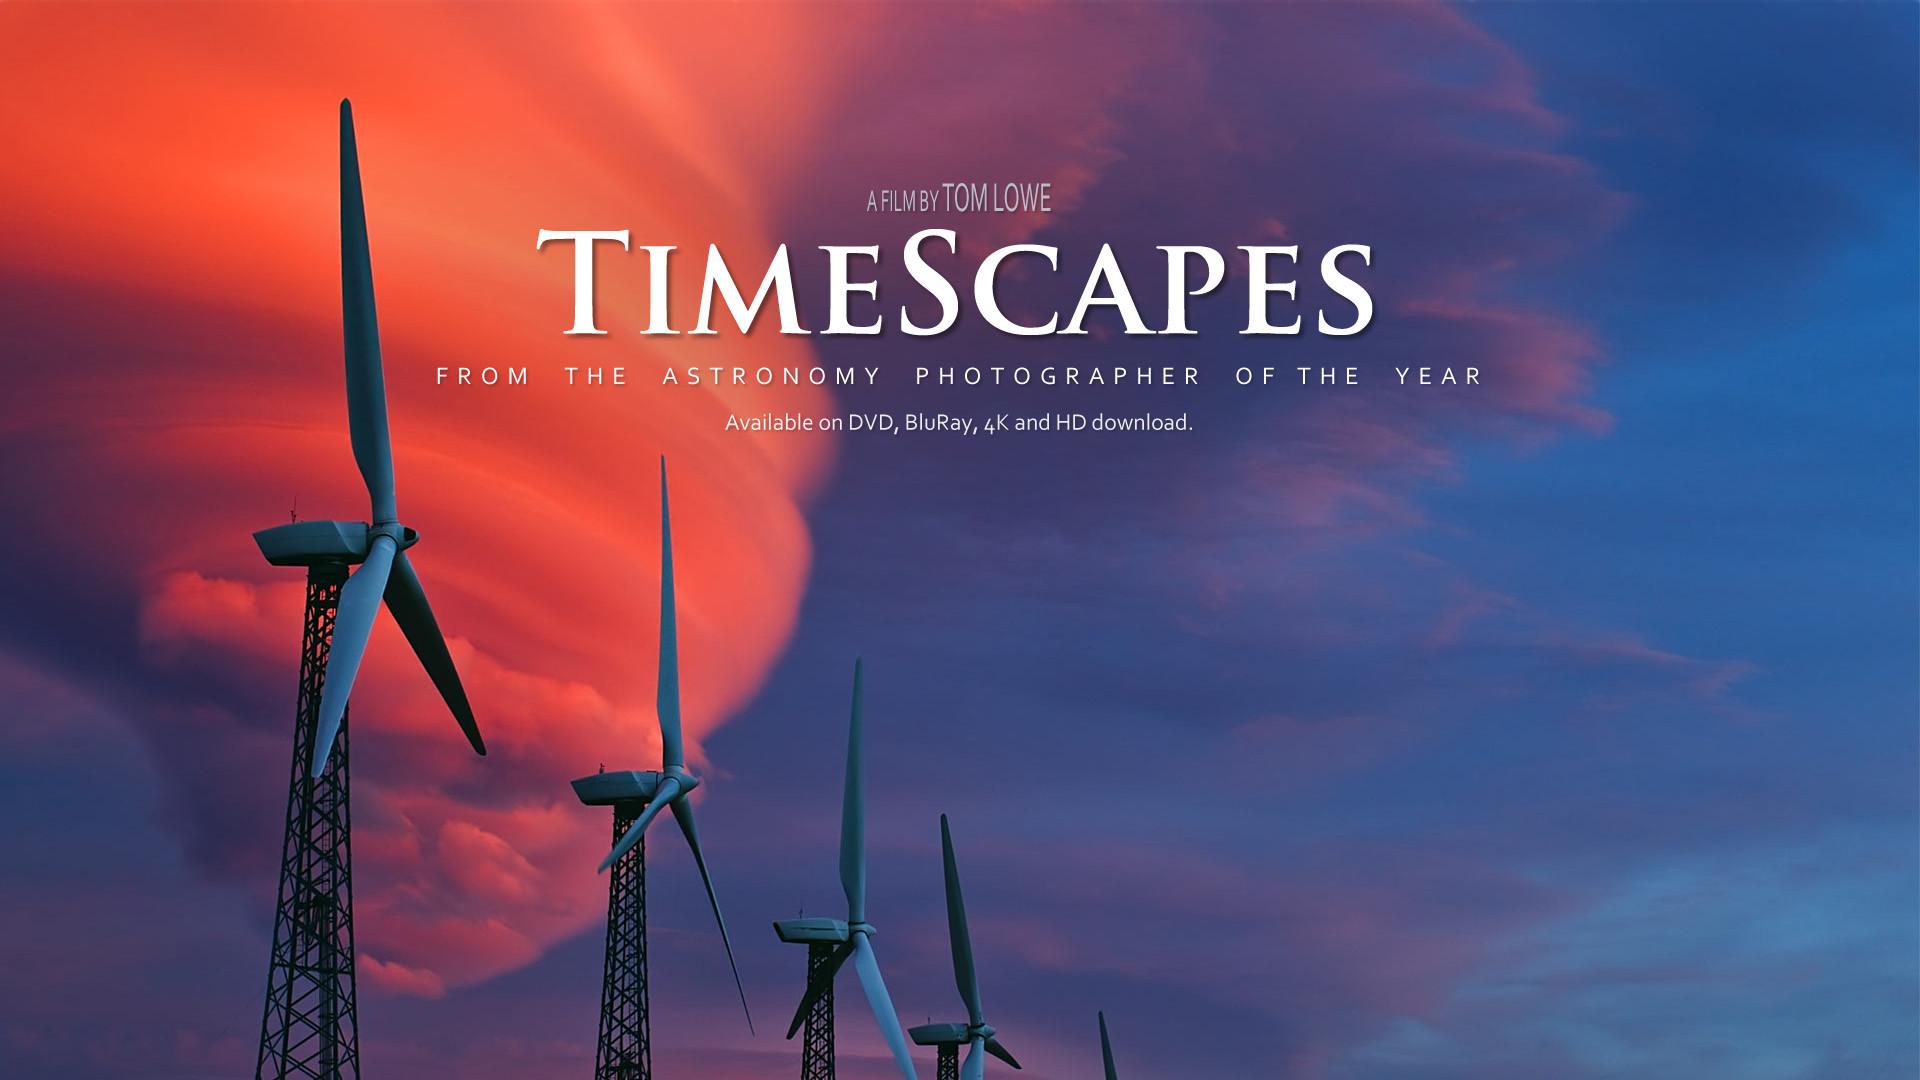 Insolite Quot Timescapes Quot Le Premier Documentaire Vendu En 4k